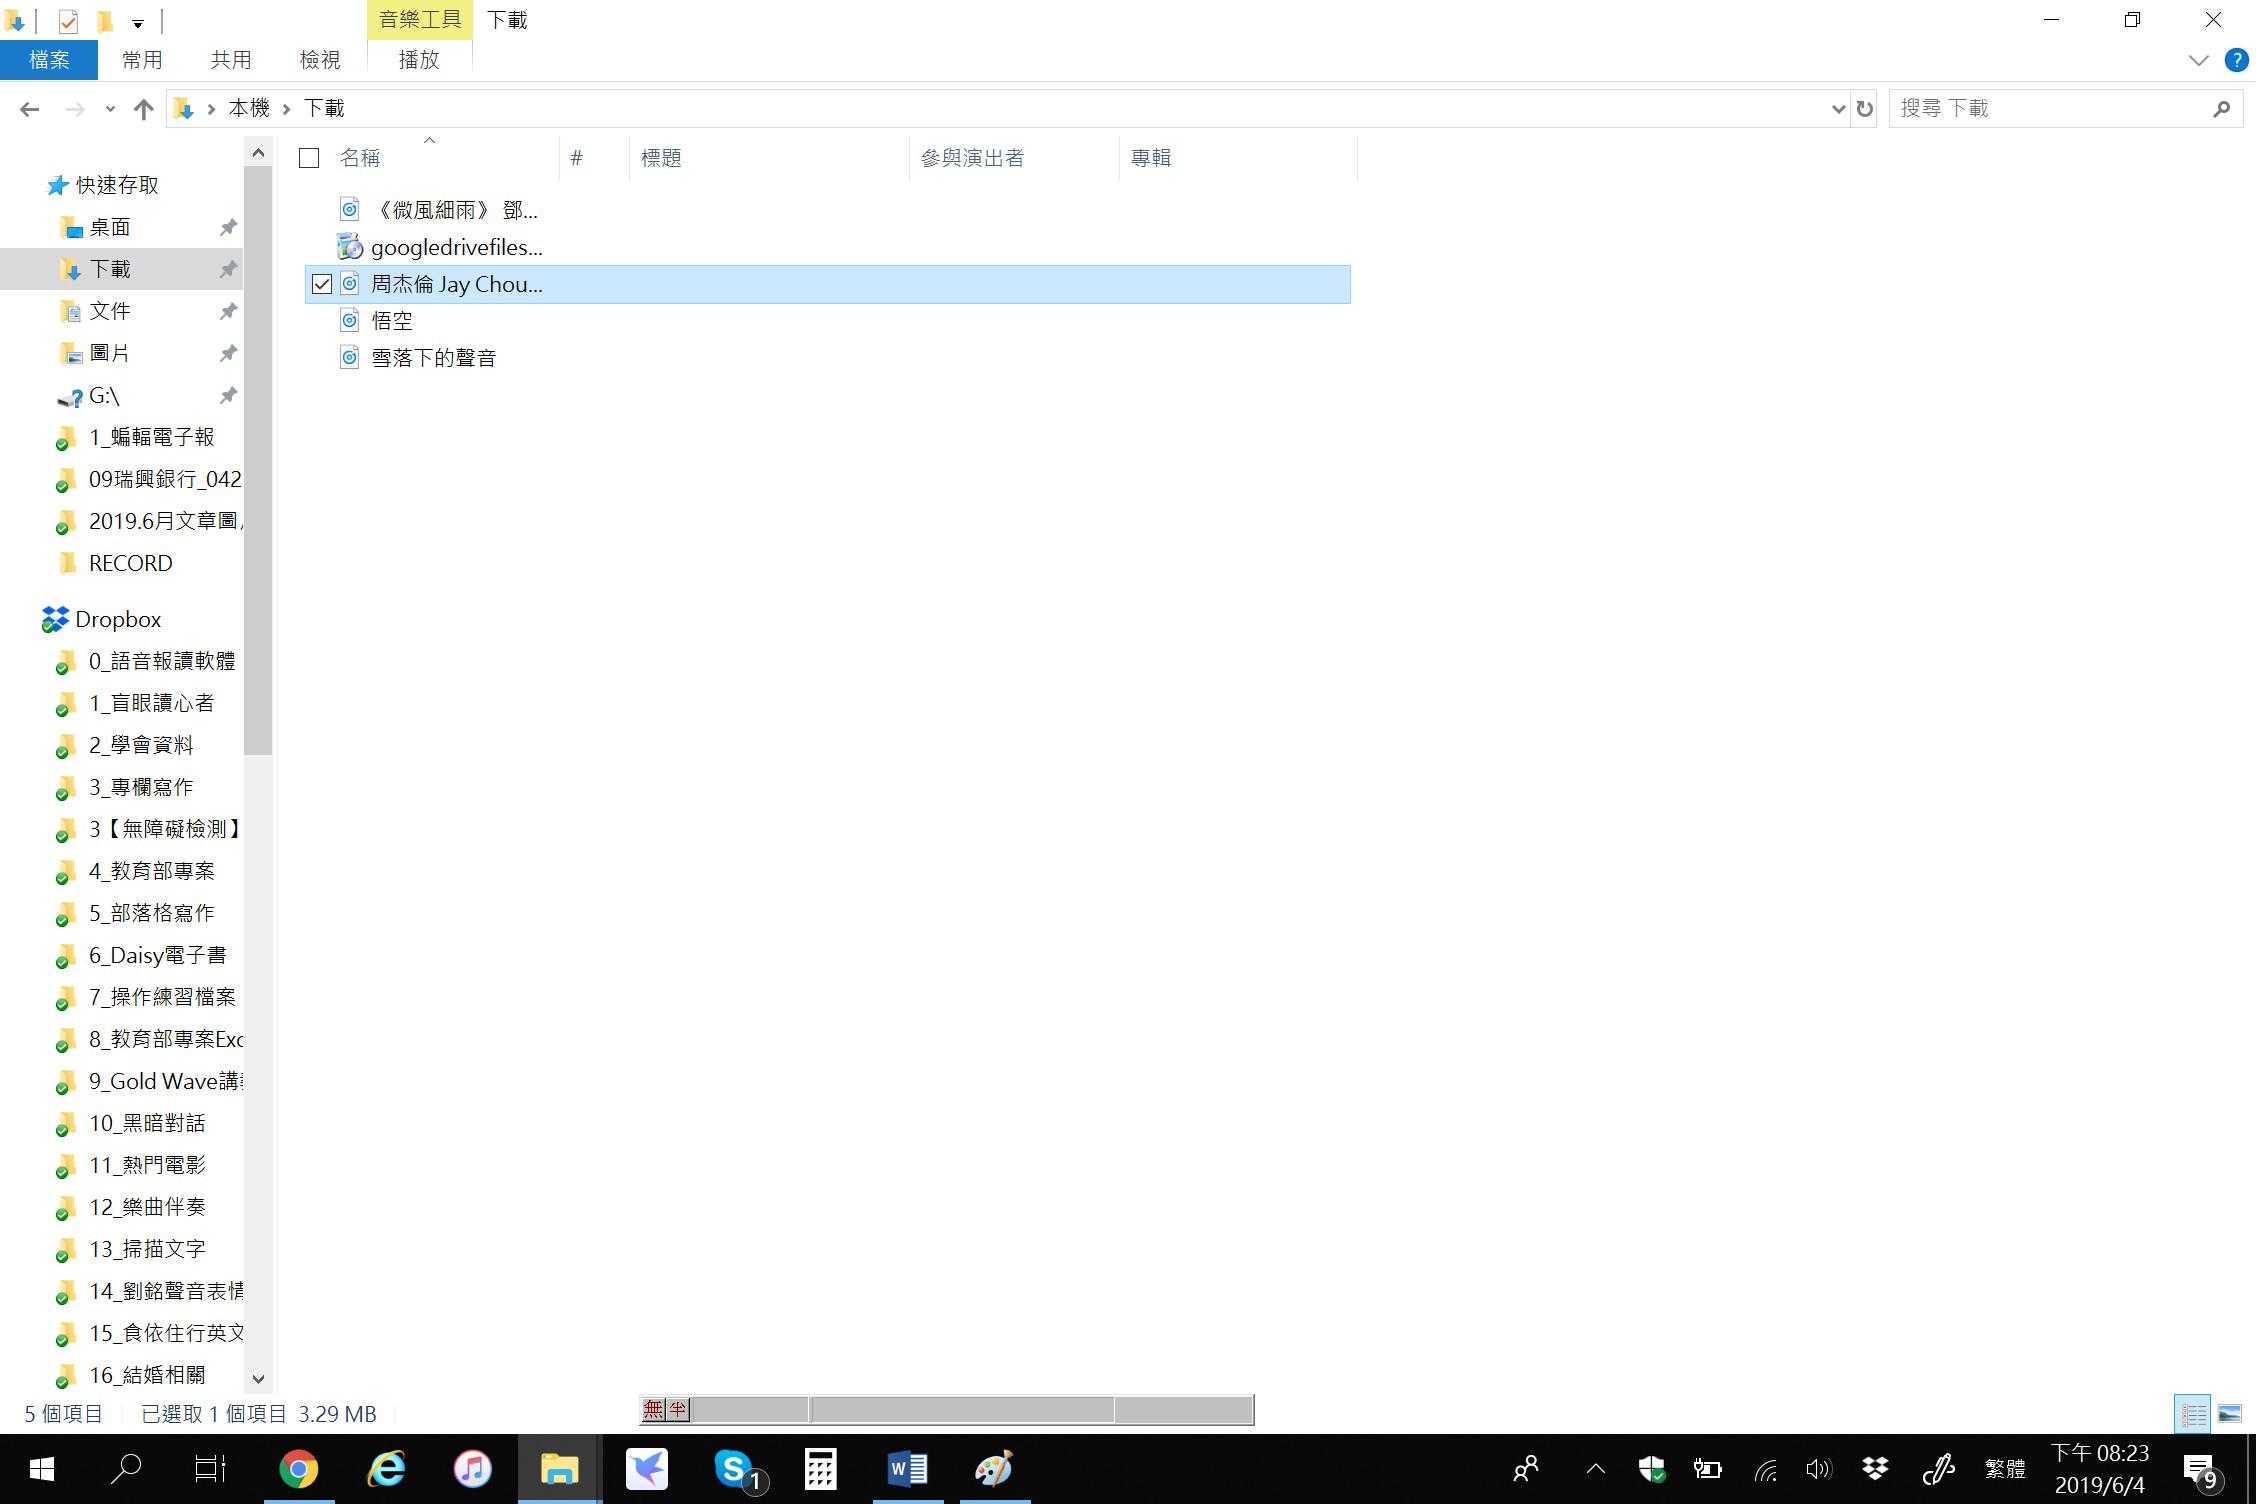 上圖是開啟作業系統的「下載」資料夾畫面,在此可找到下載好的MP3檔案。